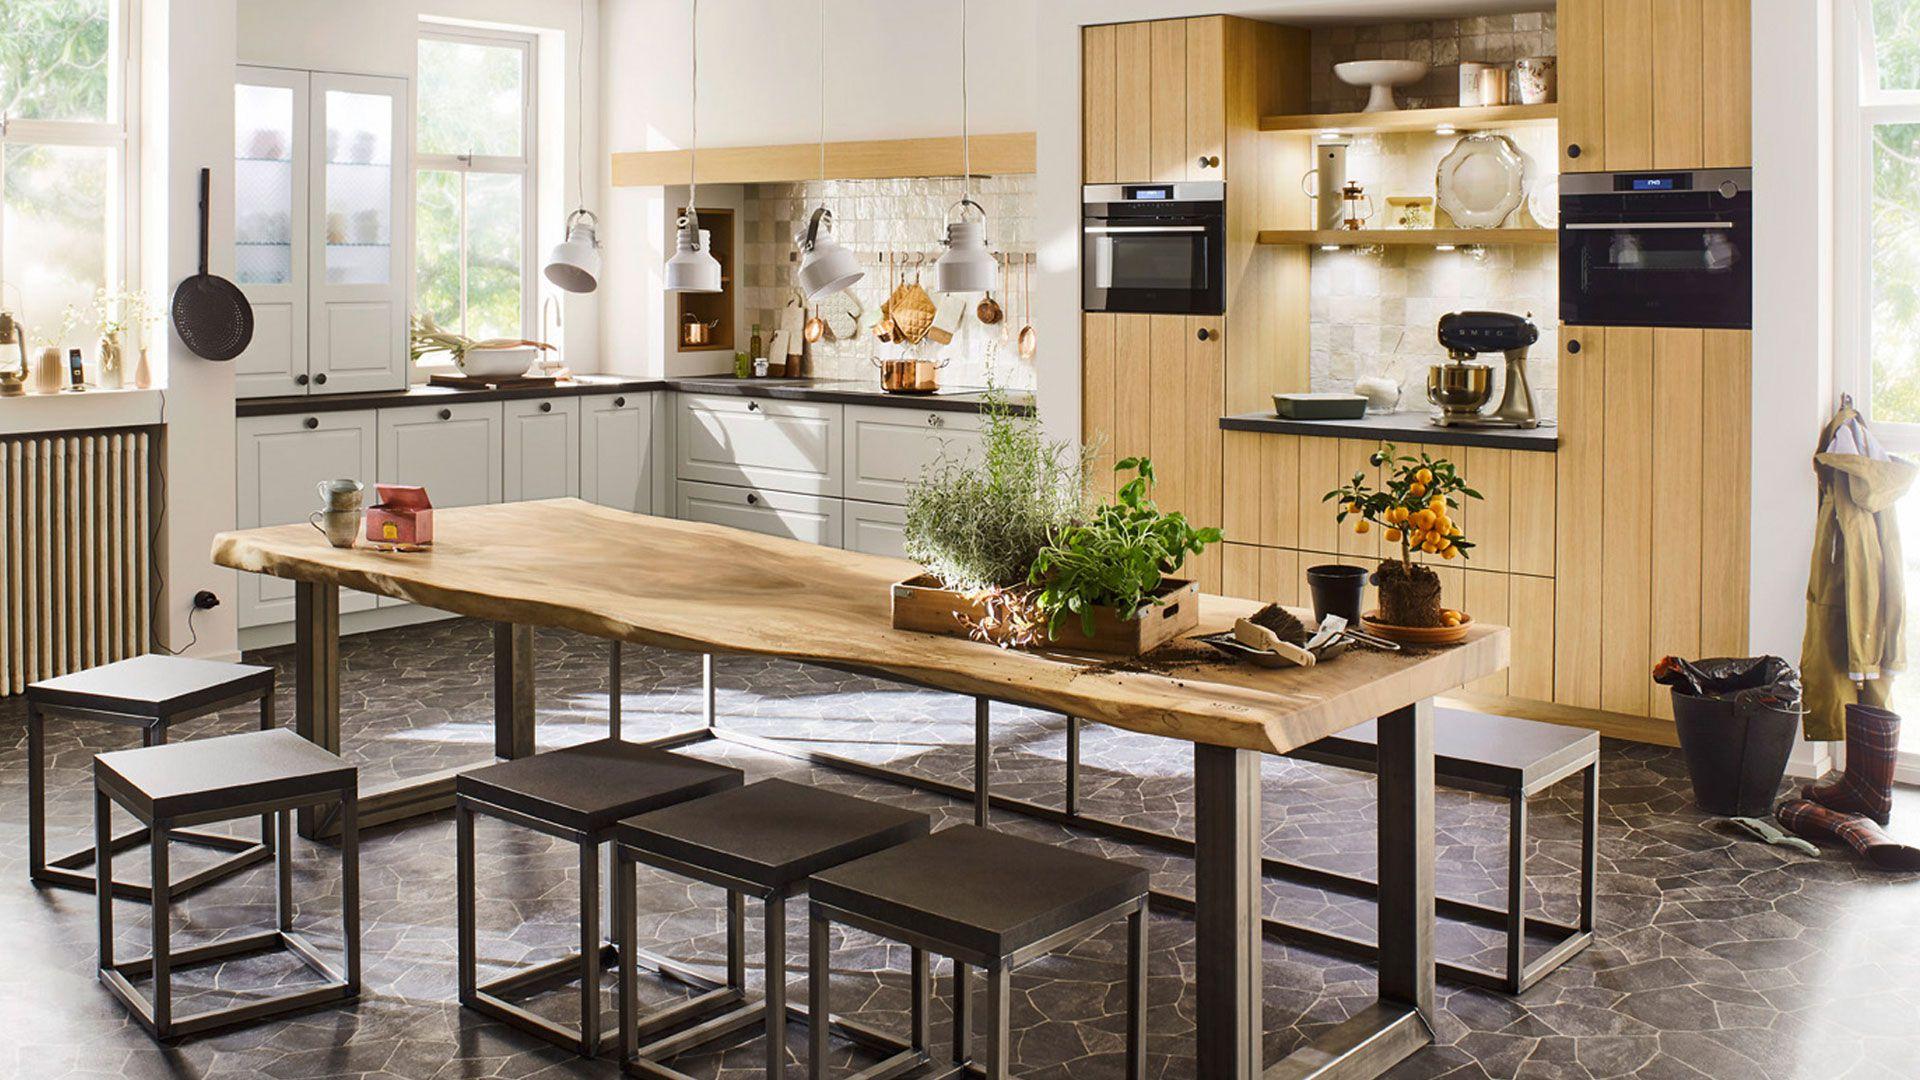 Küchen Schilling Küchenstudio Rödinghausen Küche kaufen